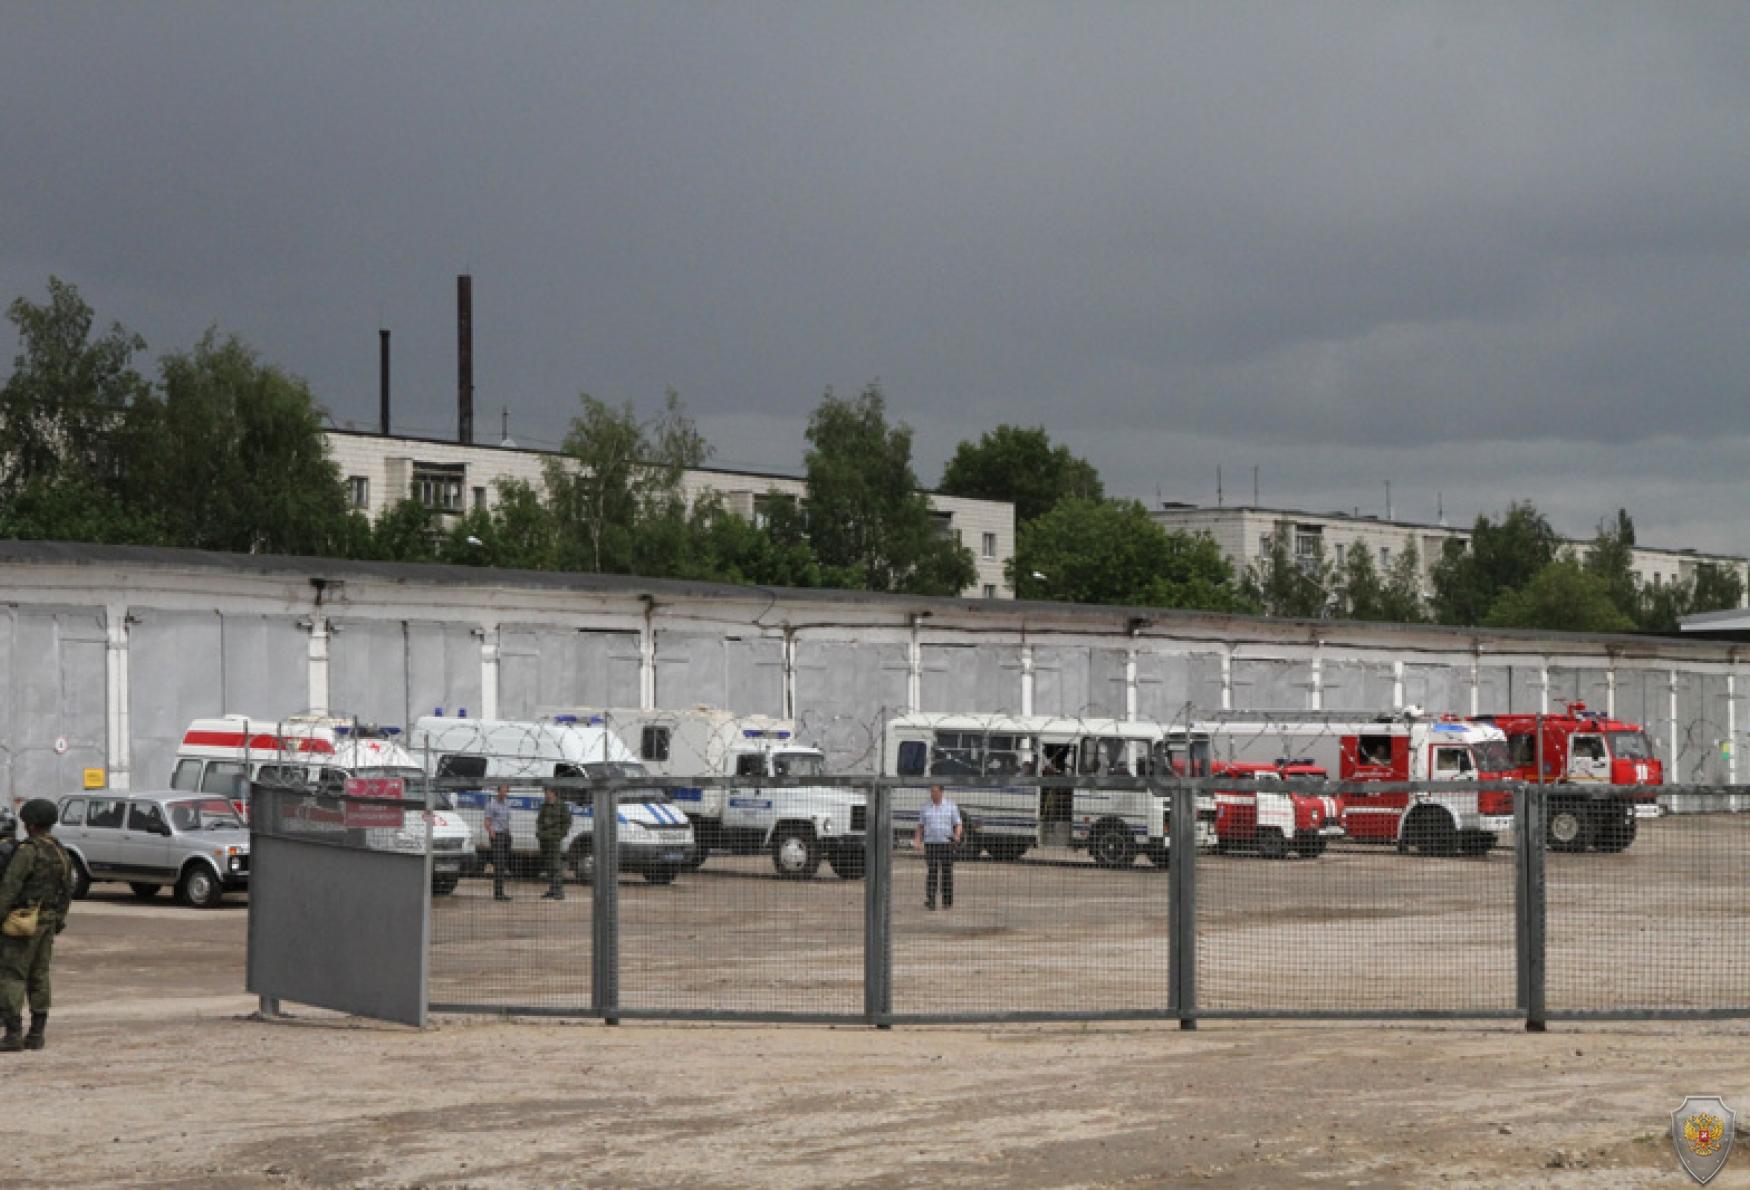 Командно-штабное учение «Арсенал-2014». Костромская область. 17 июня 2014 года